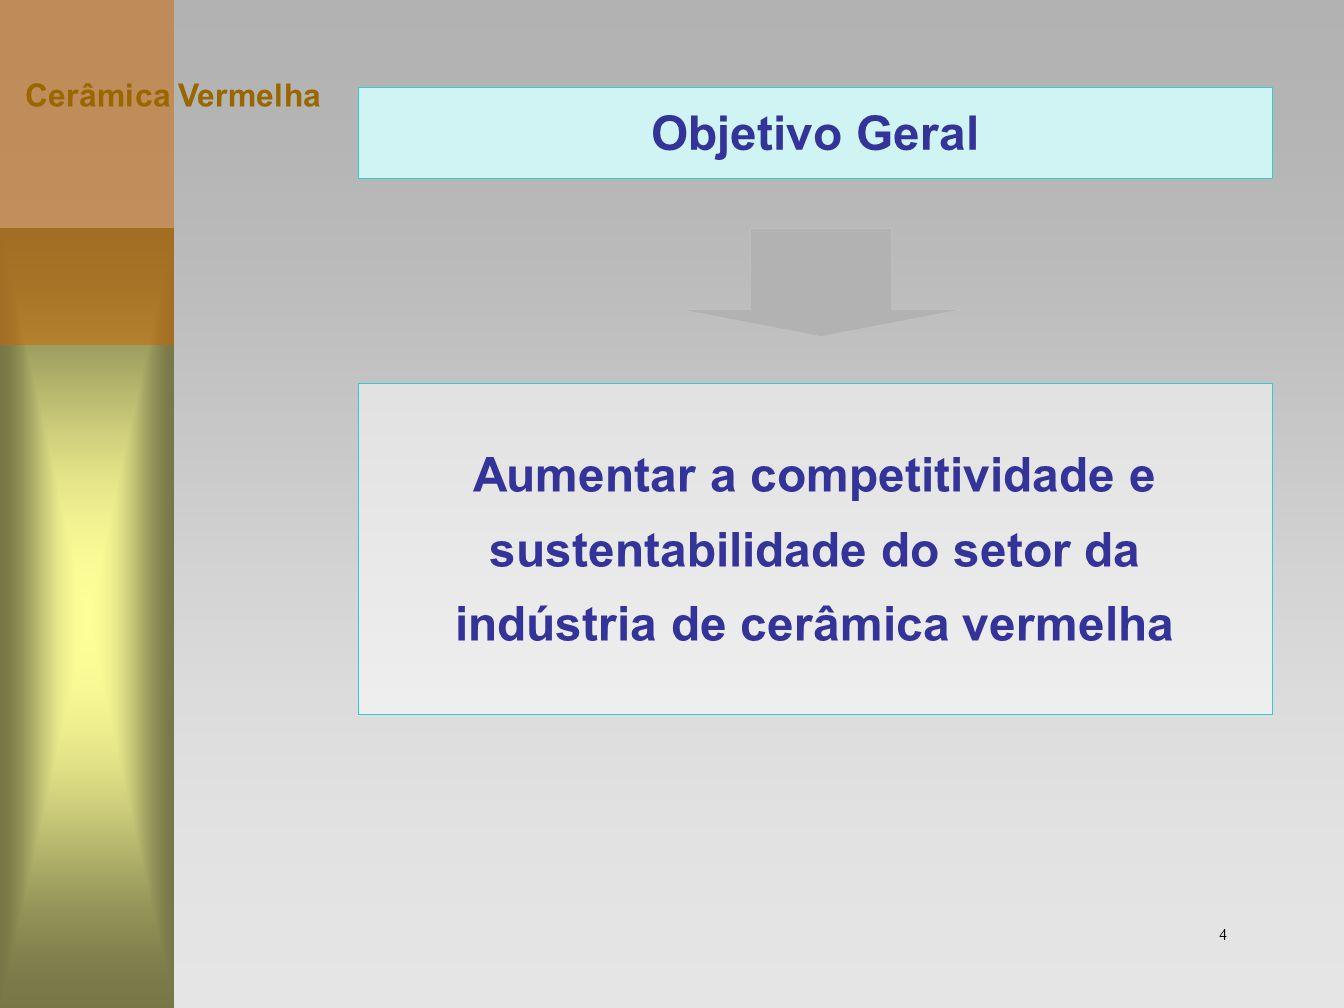 Aumentar a competitividade e sustentabilidade do setor da